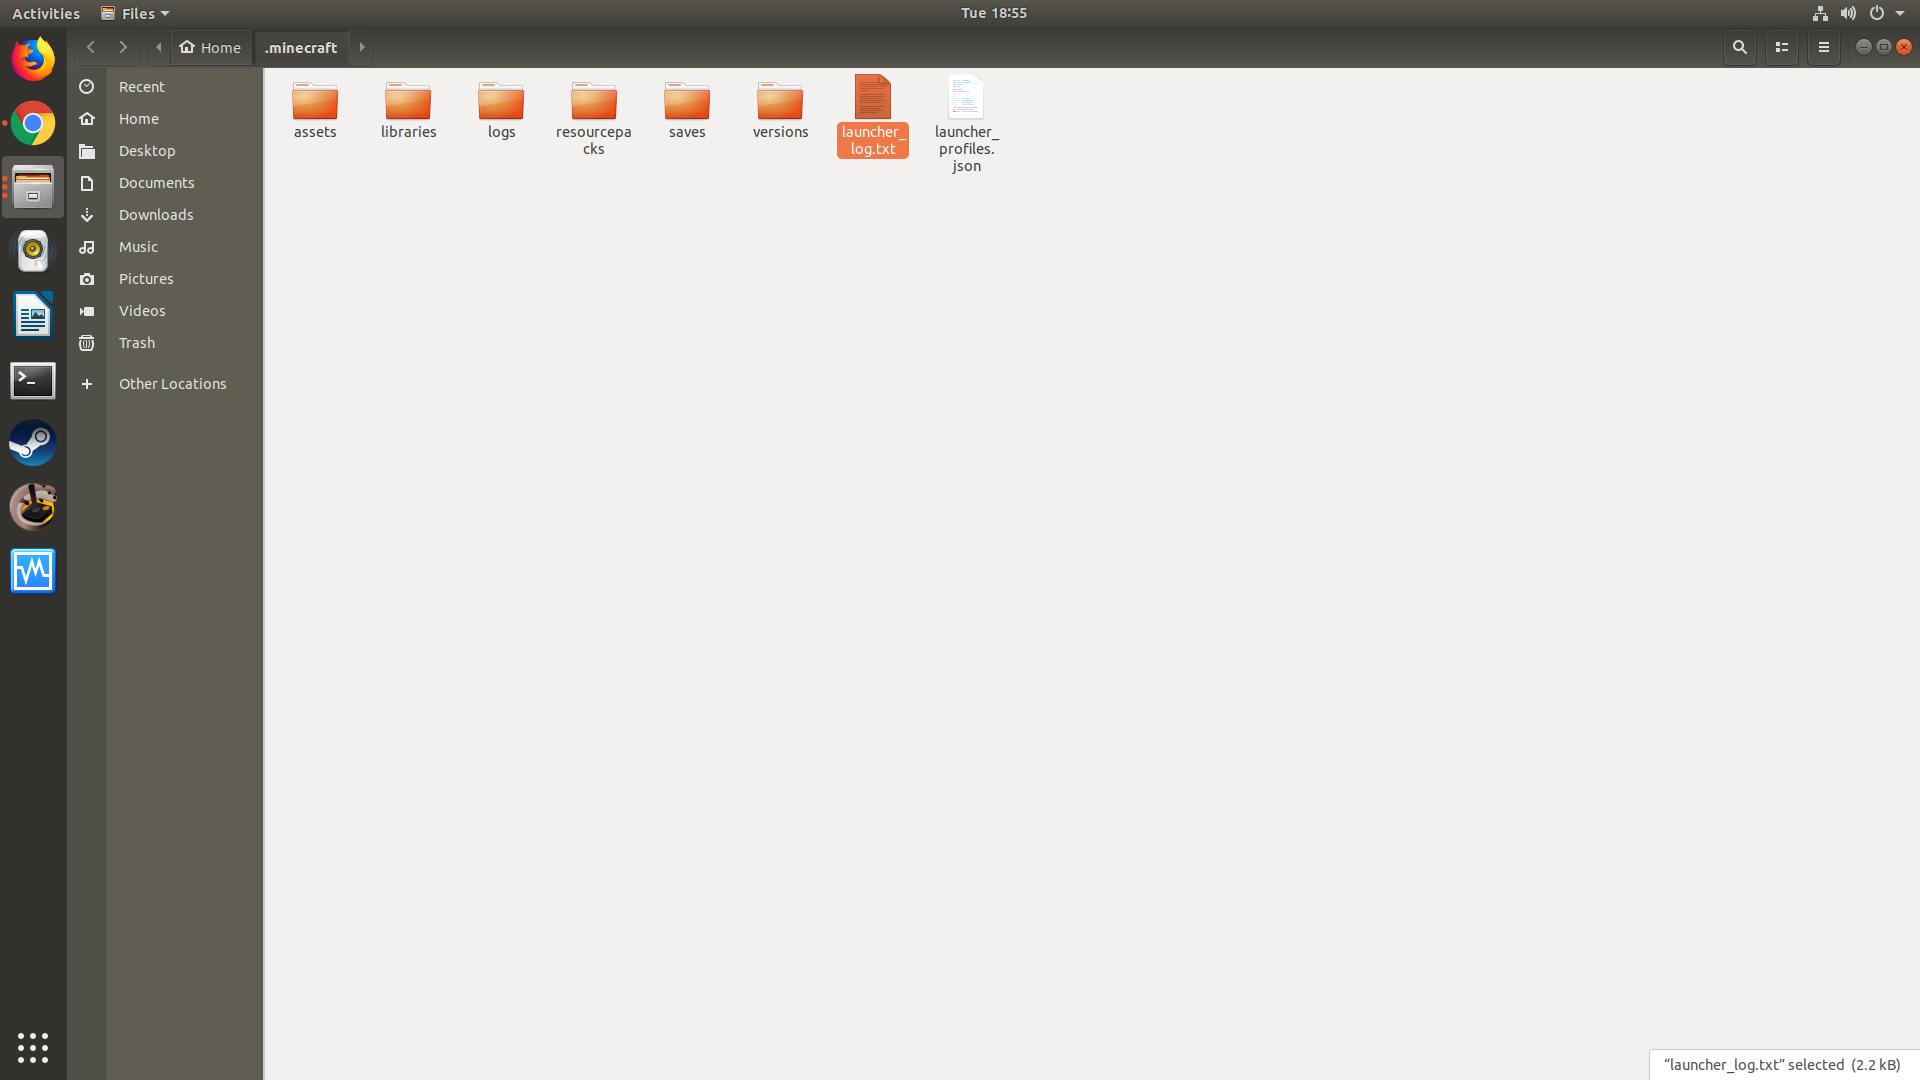 forge keeps crashing 1 7 10 ubuntu 18 04 - Support & Bug